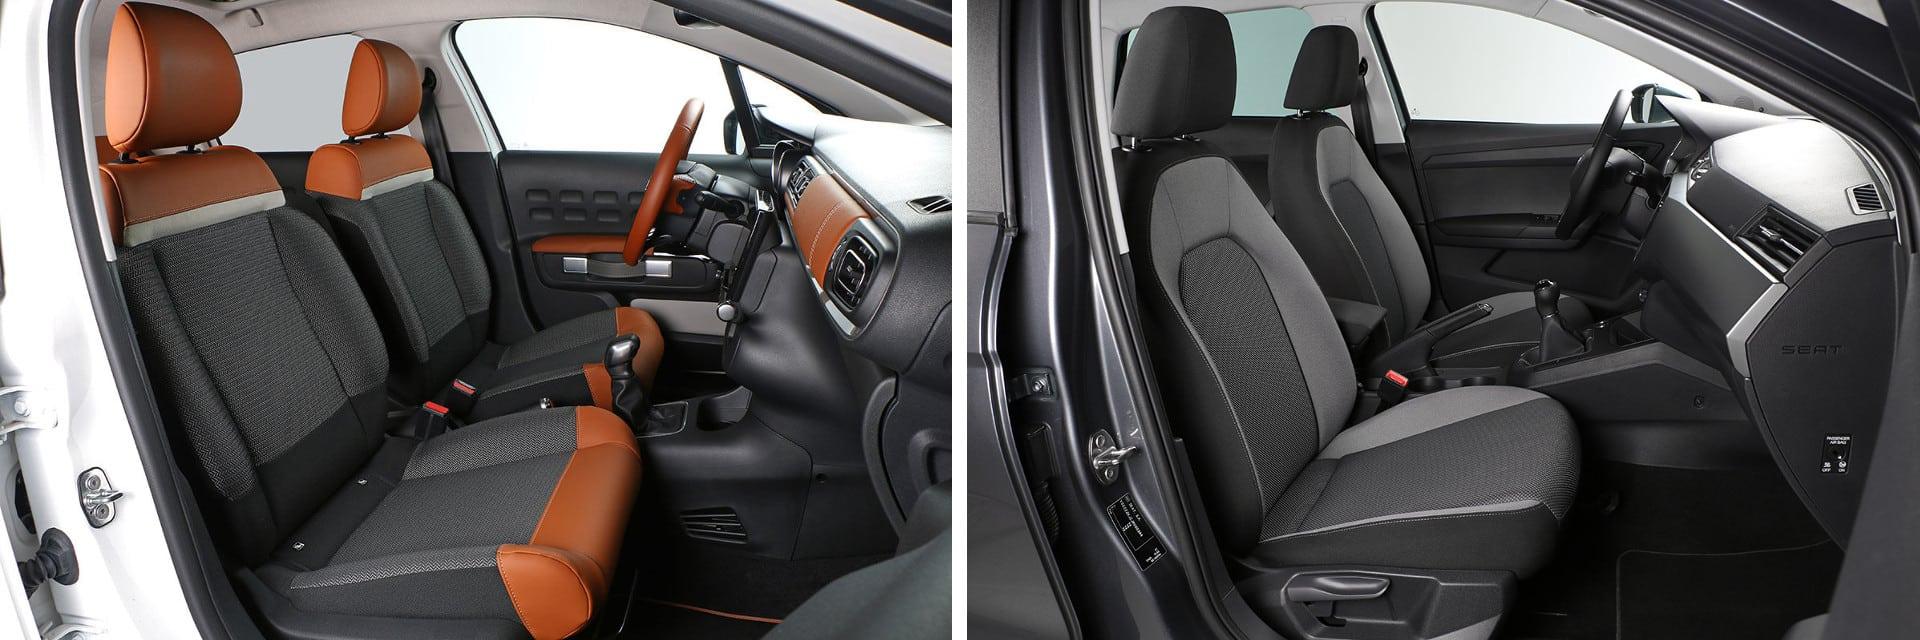 Las fotos del Citroën C3 corresponden a la versión indicada. Las fotos del SEAT Ibiza corresponden a la versión indicada. Fotos cedidas por km77.